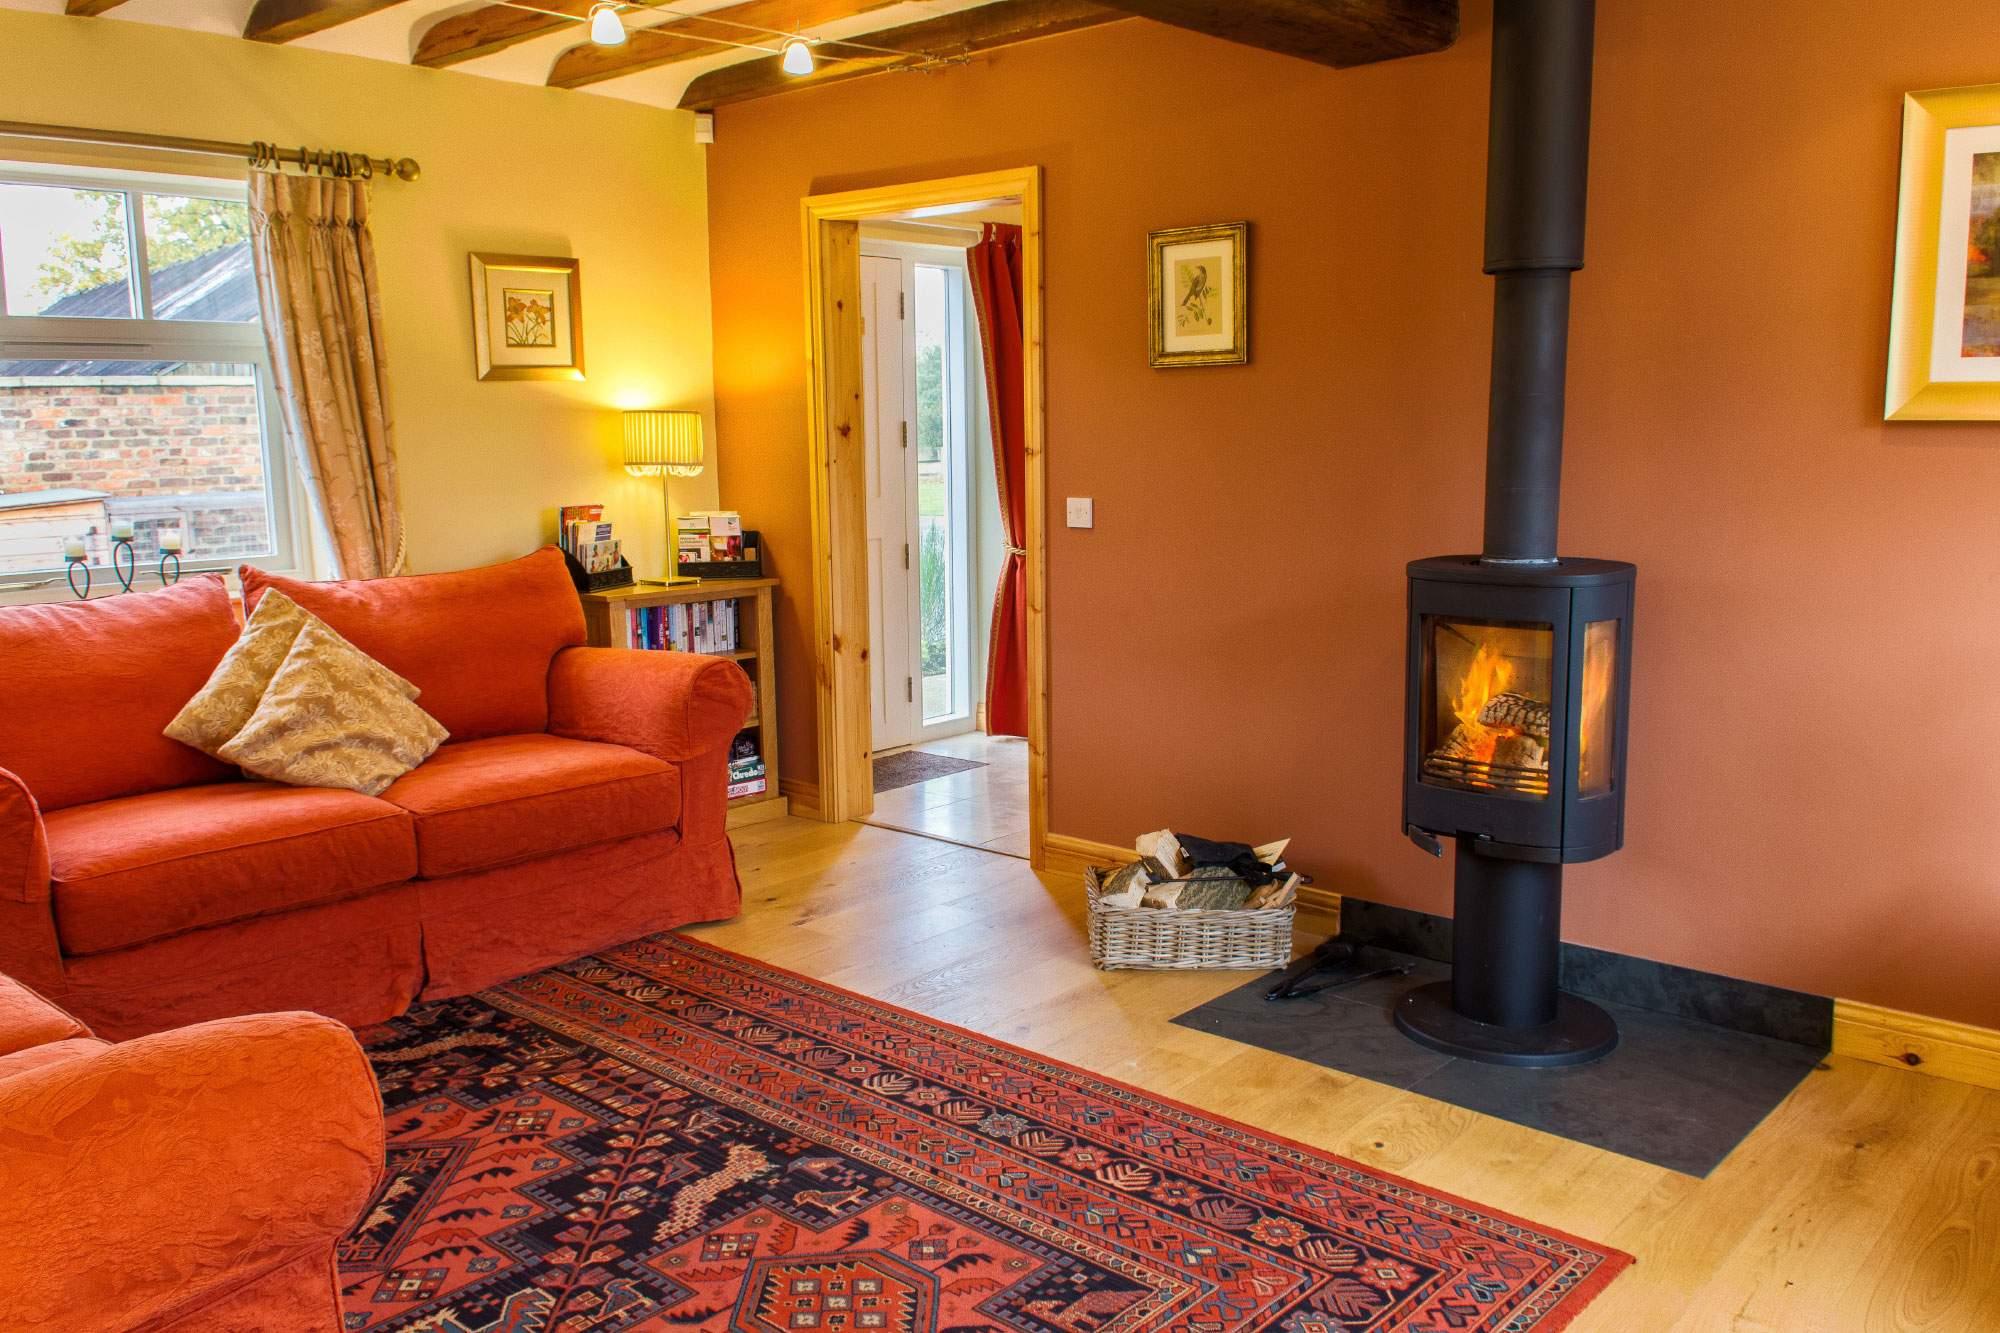 foldyard living room at broadgate farm cottages